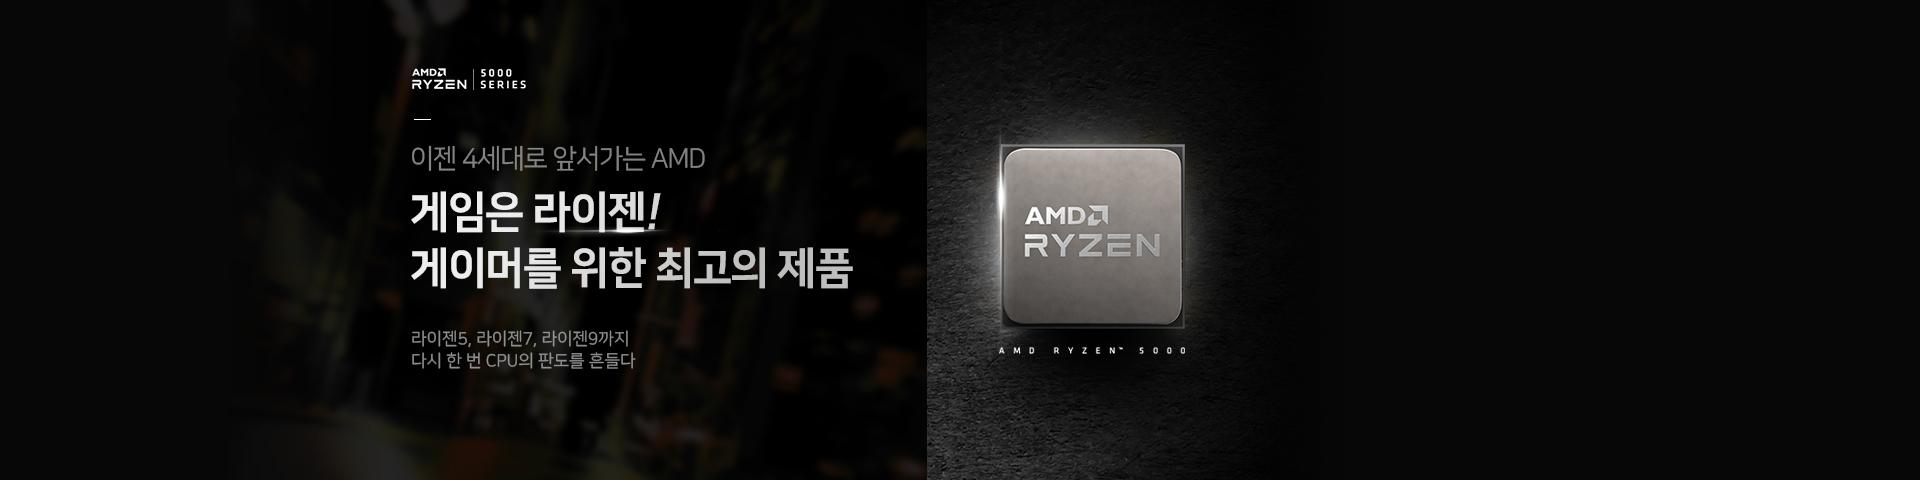 [AMD] 라이젠 CPU 5000시리즈 출시 기념 기획전